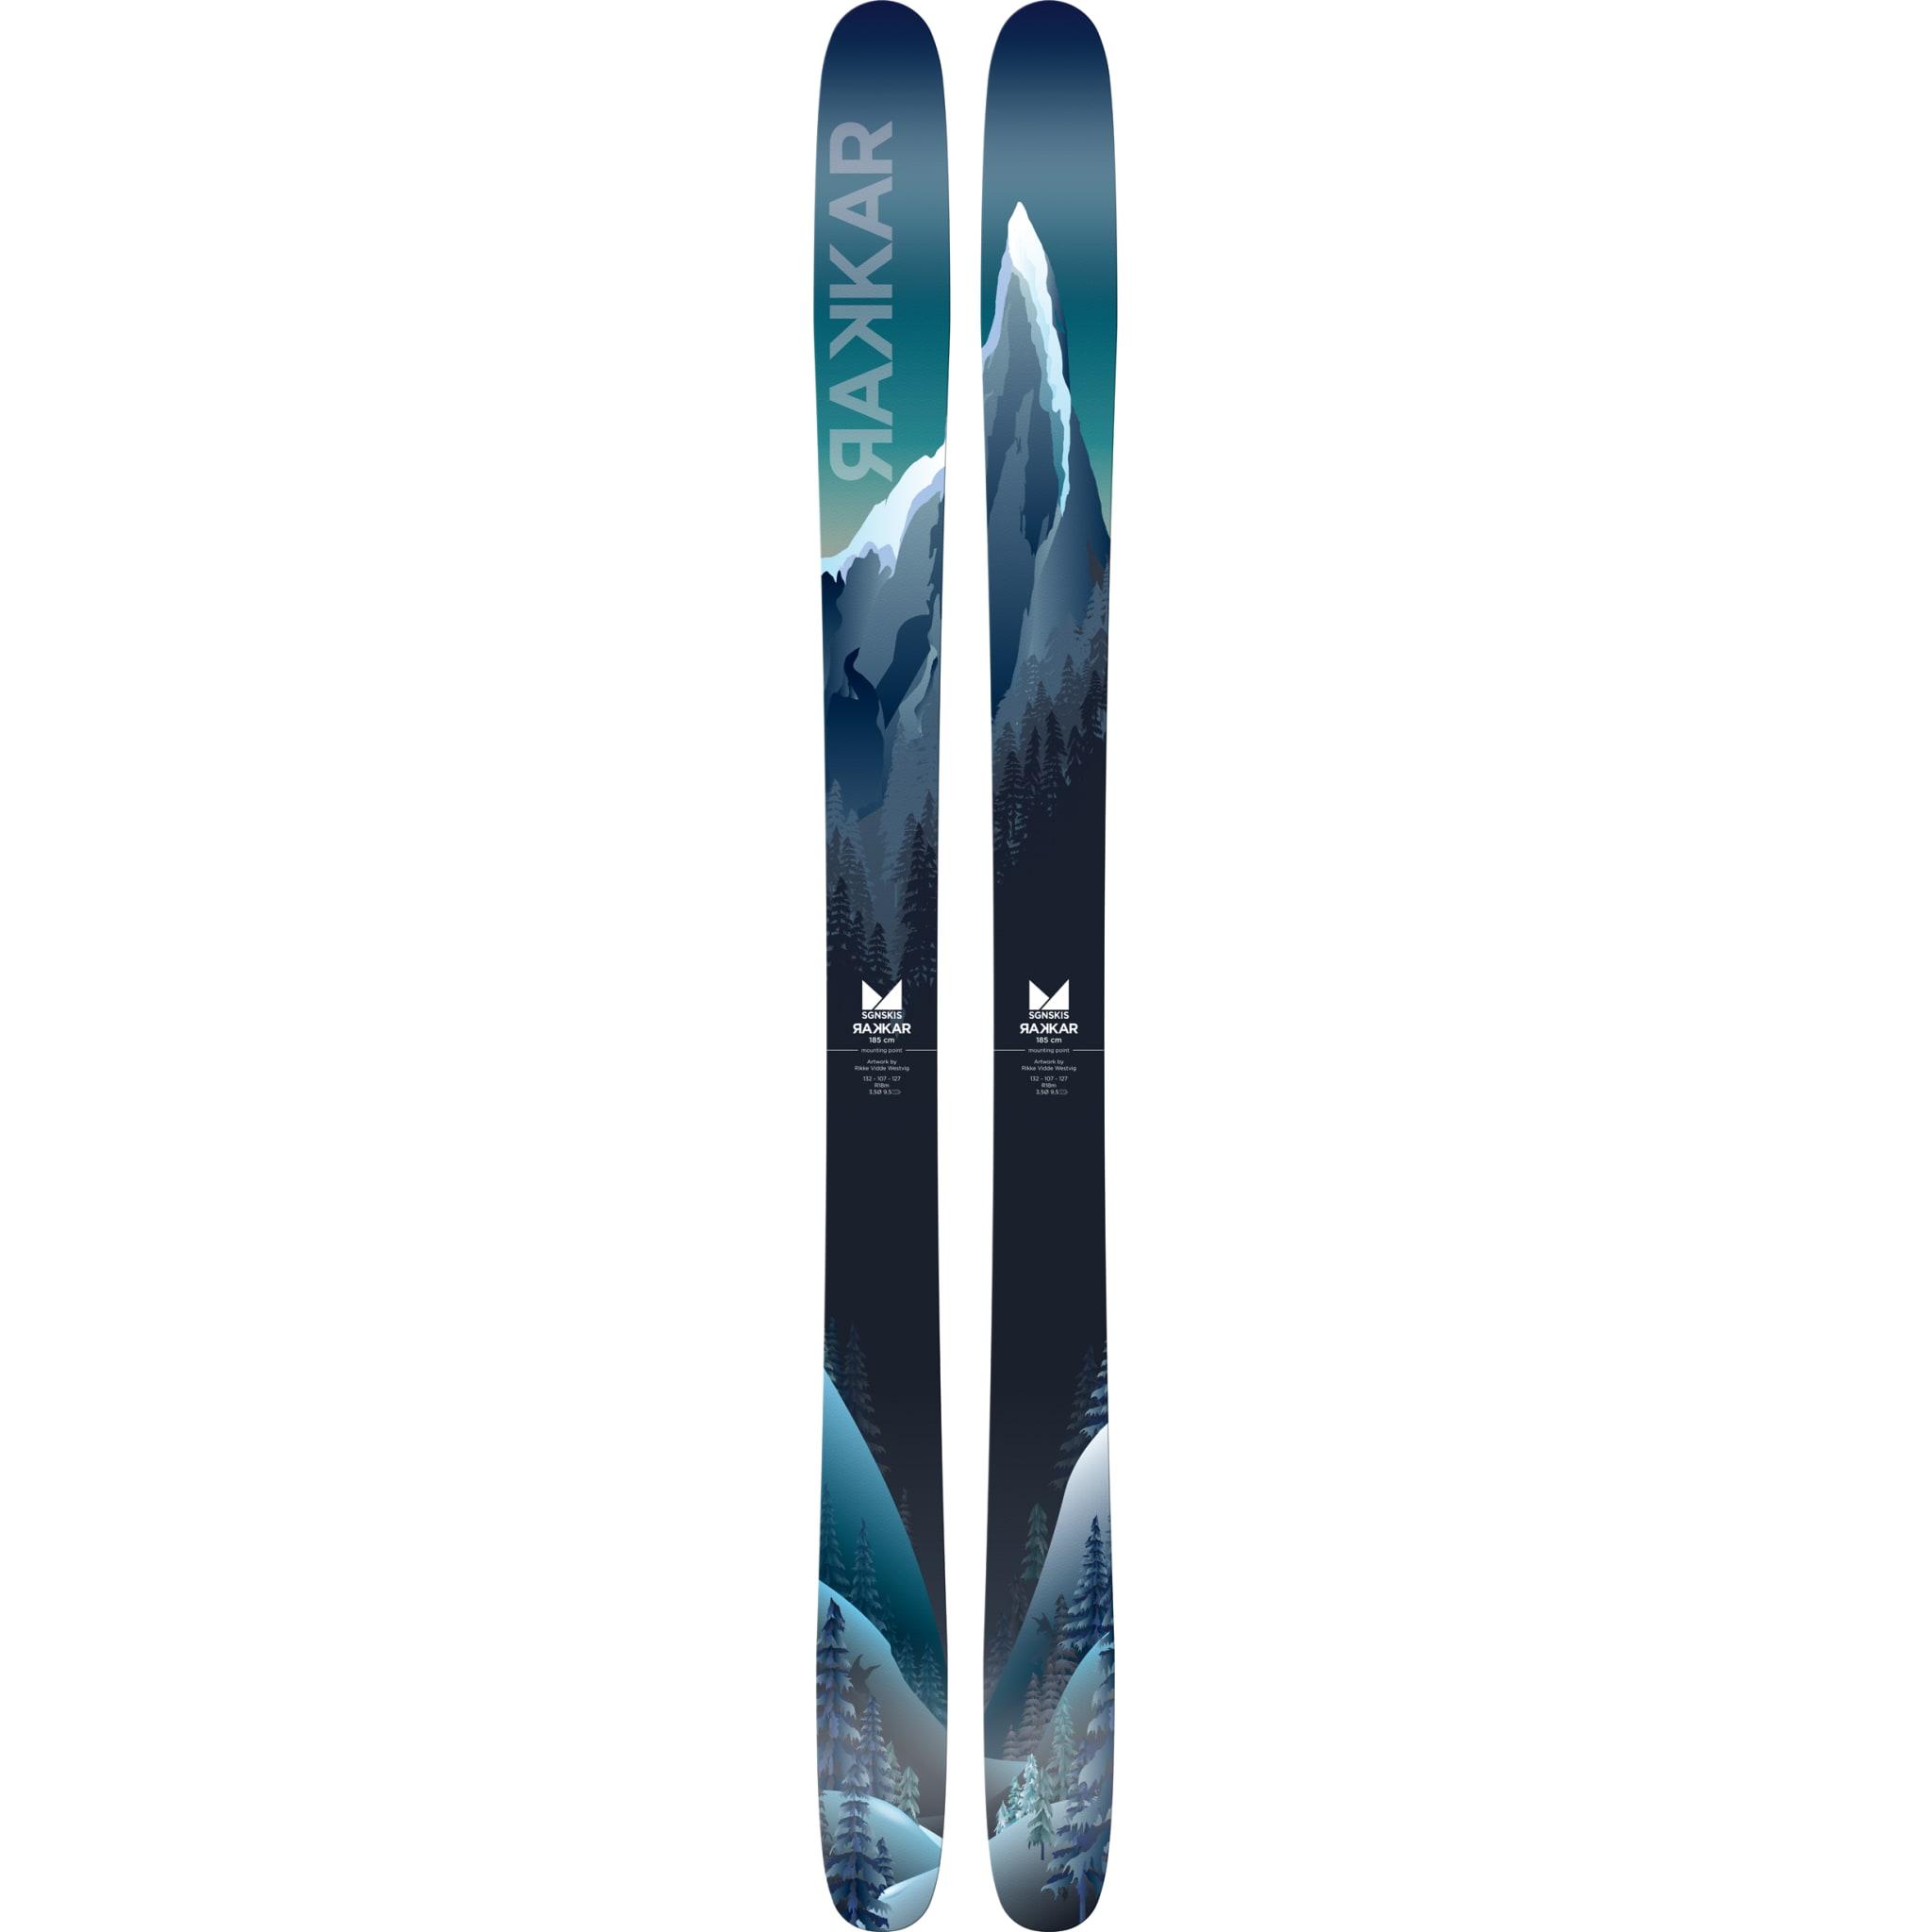 En ski du blir skikkelig glad i!